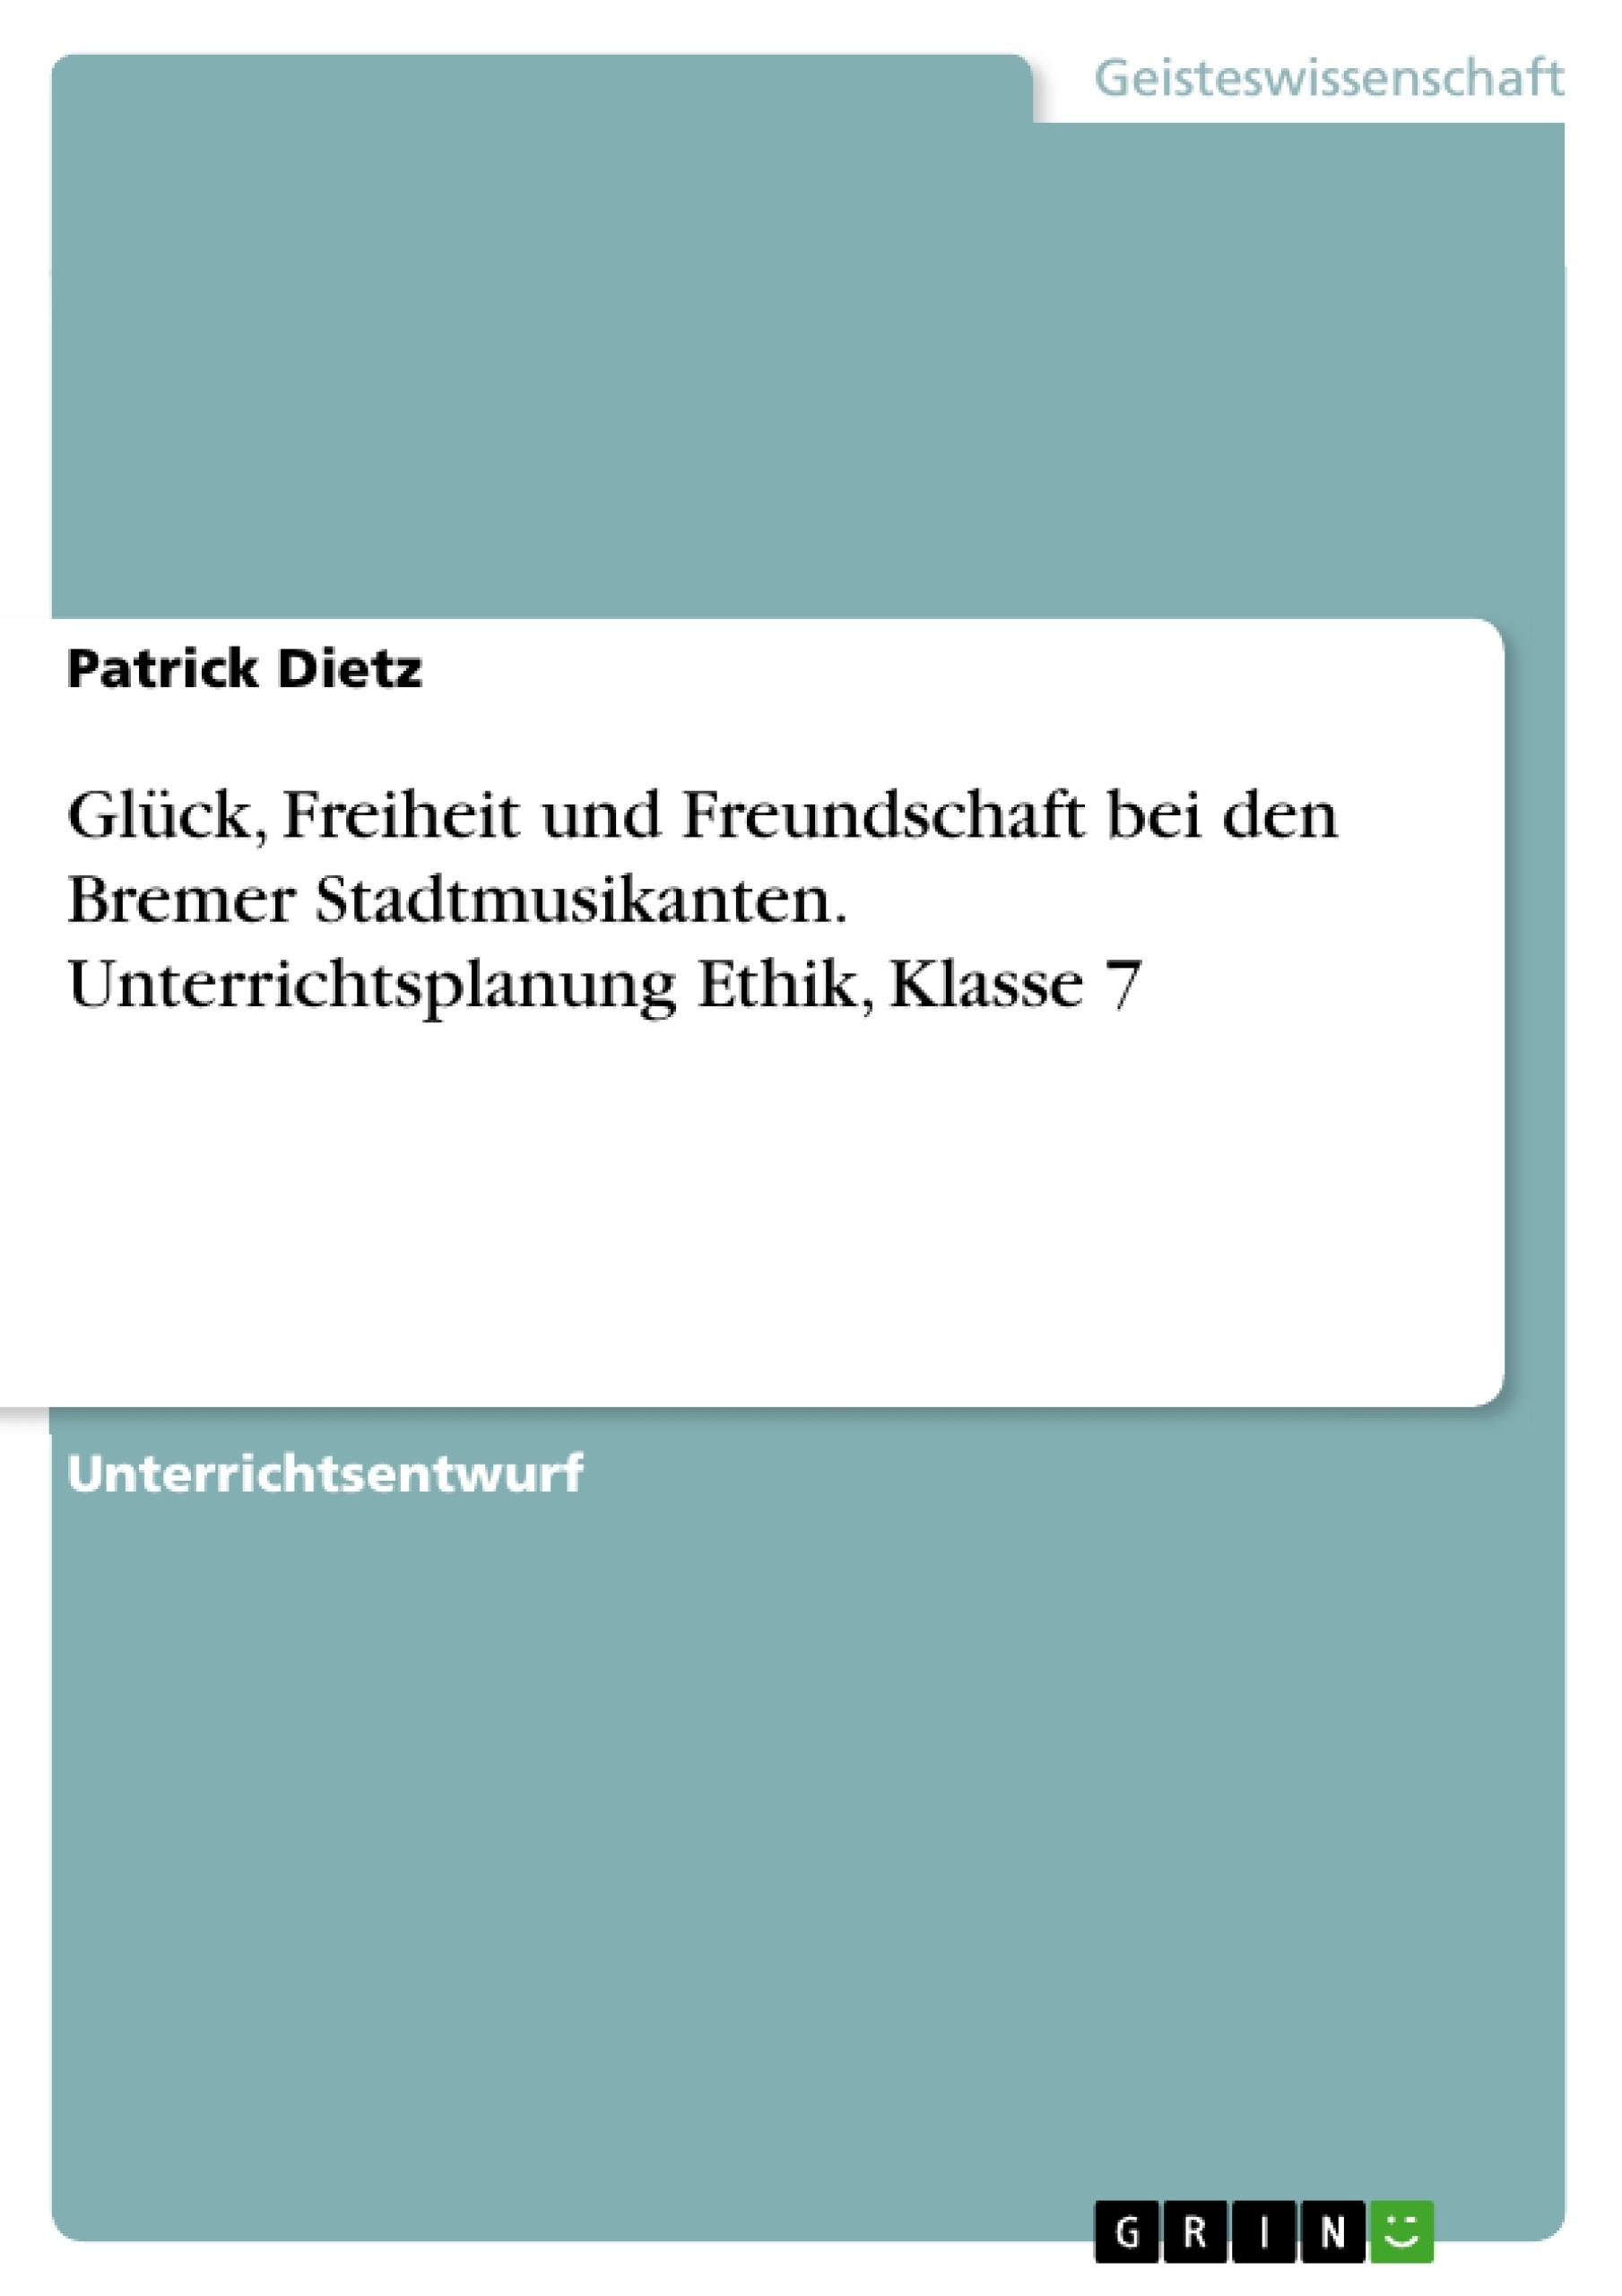 Titel: Glück, Freiheit und Freundschaft bei den Bremer Stadtmusikanten. Unterrichtsplanung Ethik, Klasse 7